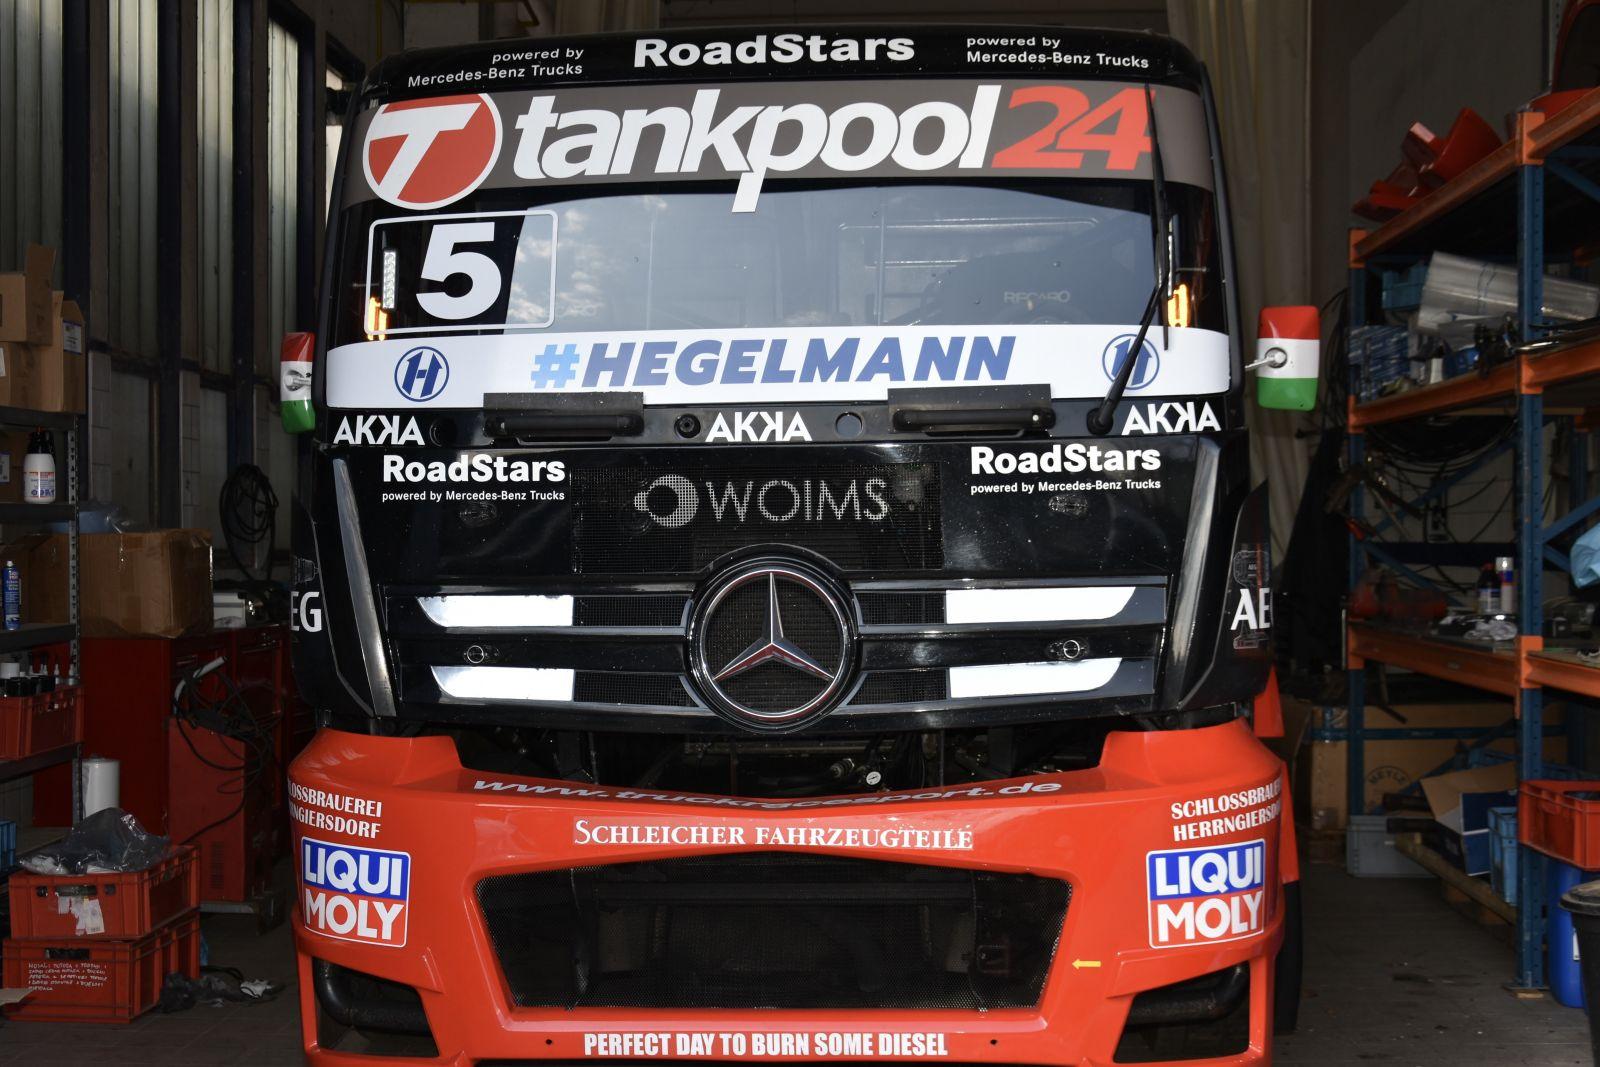 341fb1f494 A kétszeres Európa-bajnok magyar kamionversenyző idén is marad a német  Tankpool24 csapatnál, melyhez négy magyar szakember csatlakozik, valamint  óriási ...